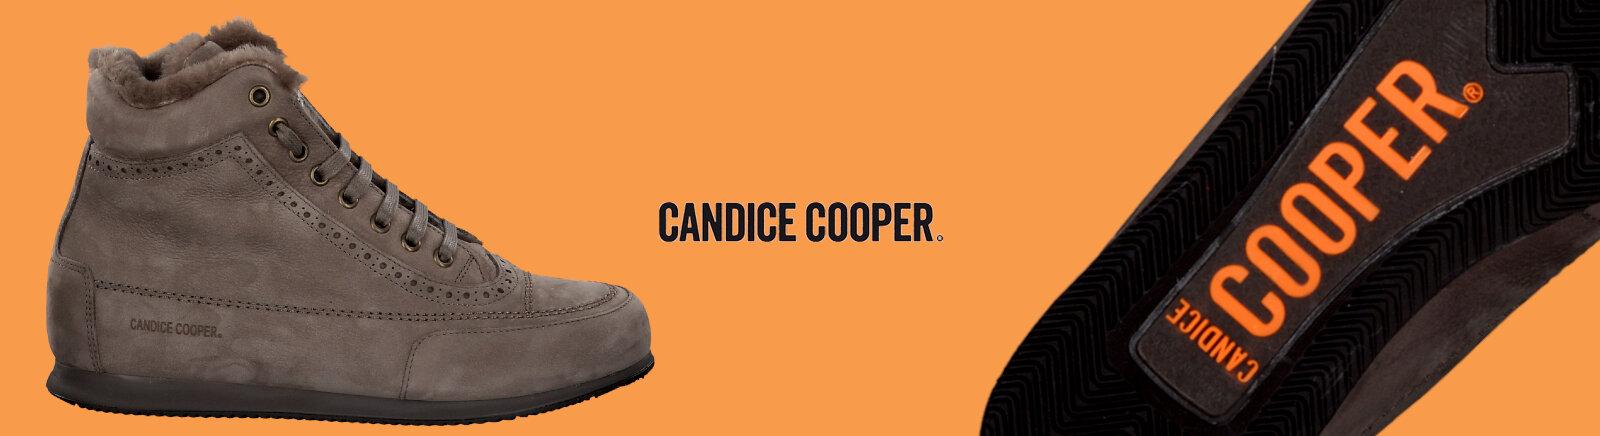 Candice Cooper Markenschuhe online entdecken im Juppen Shop